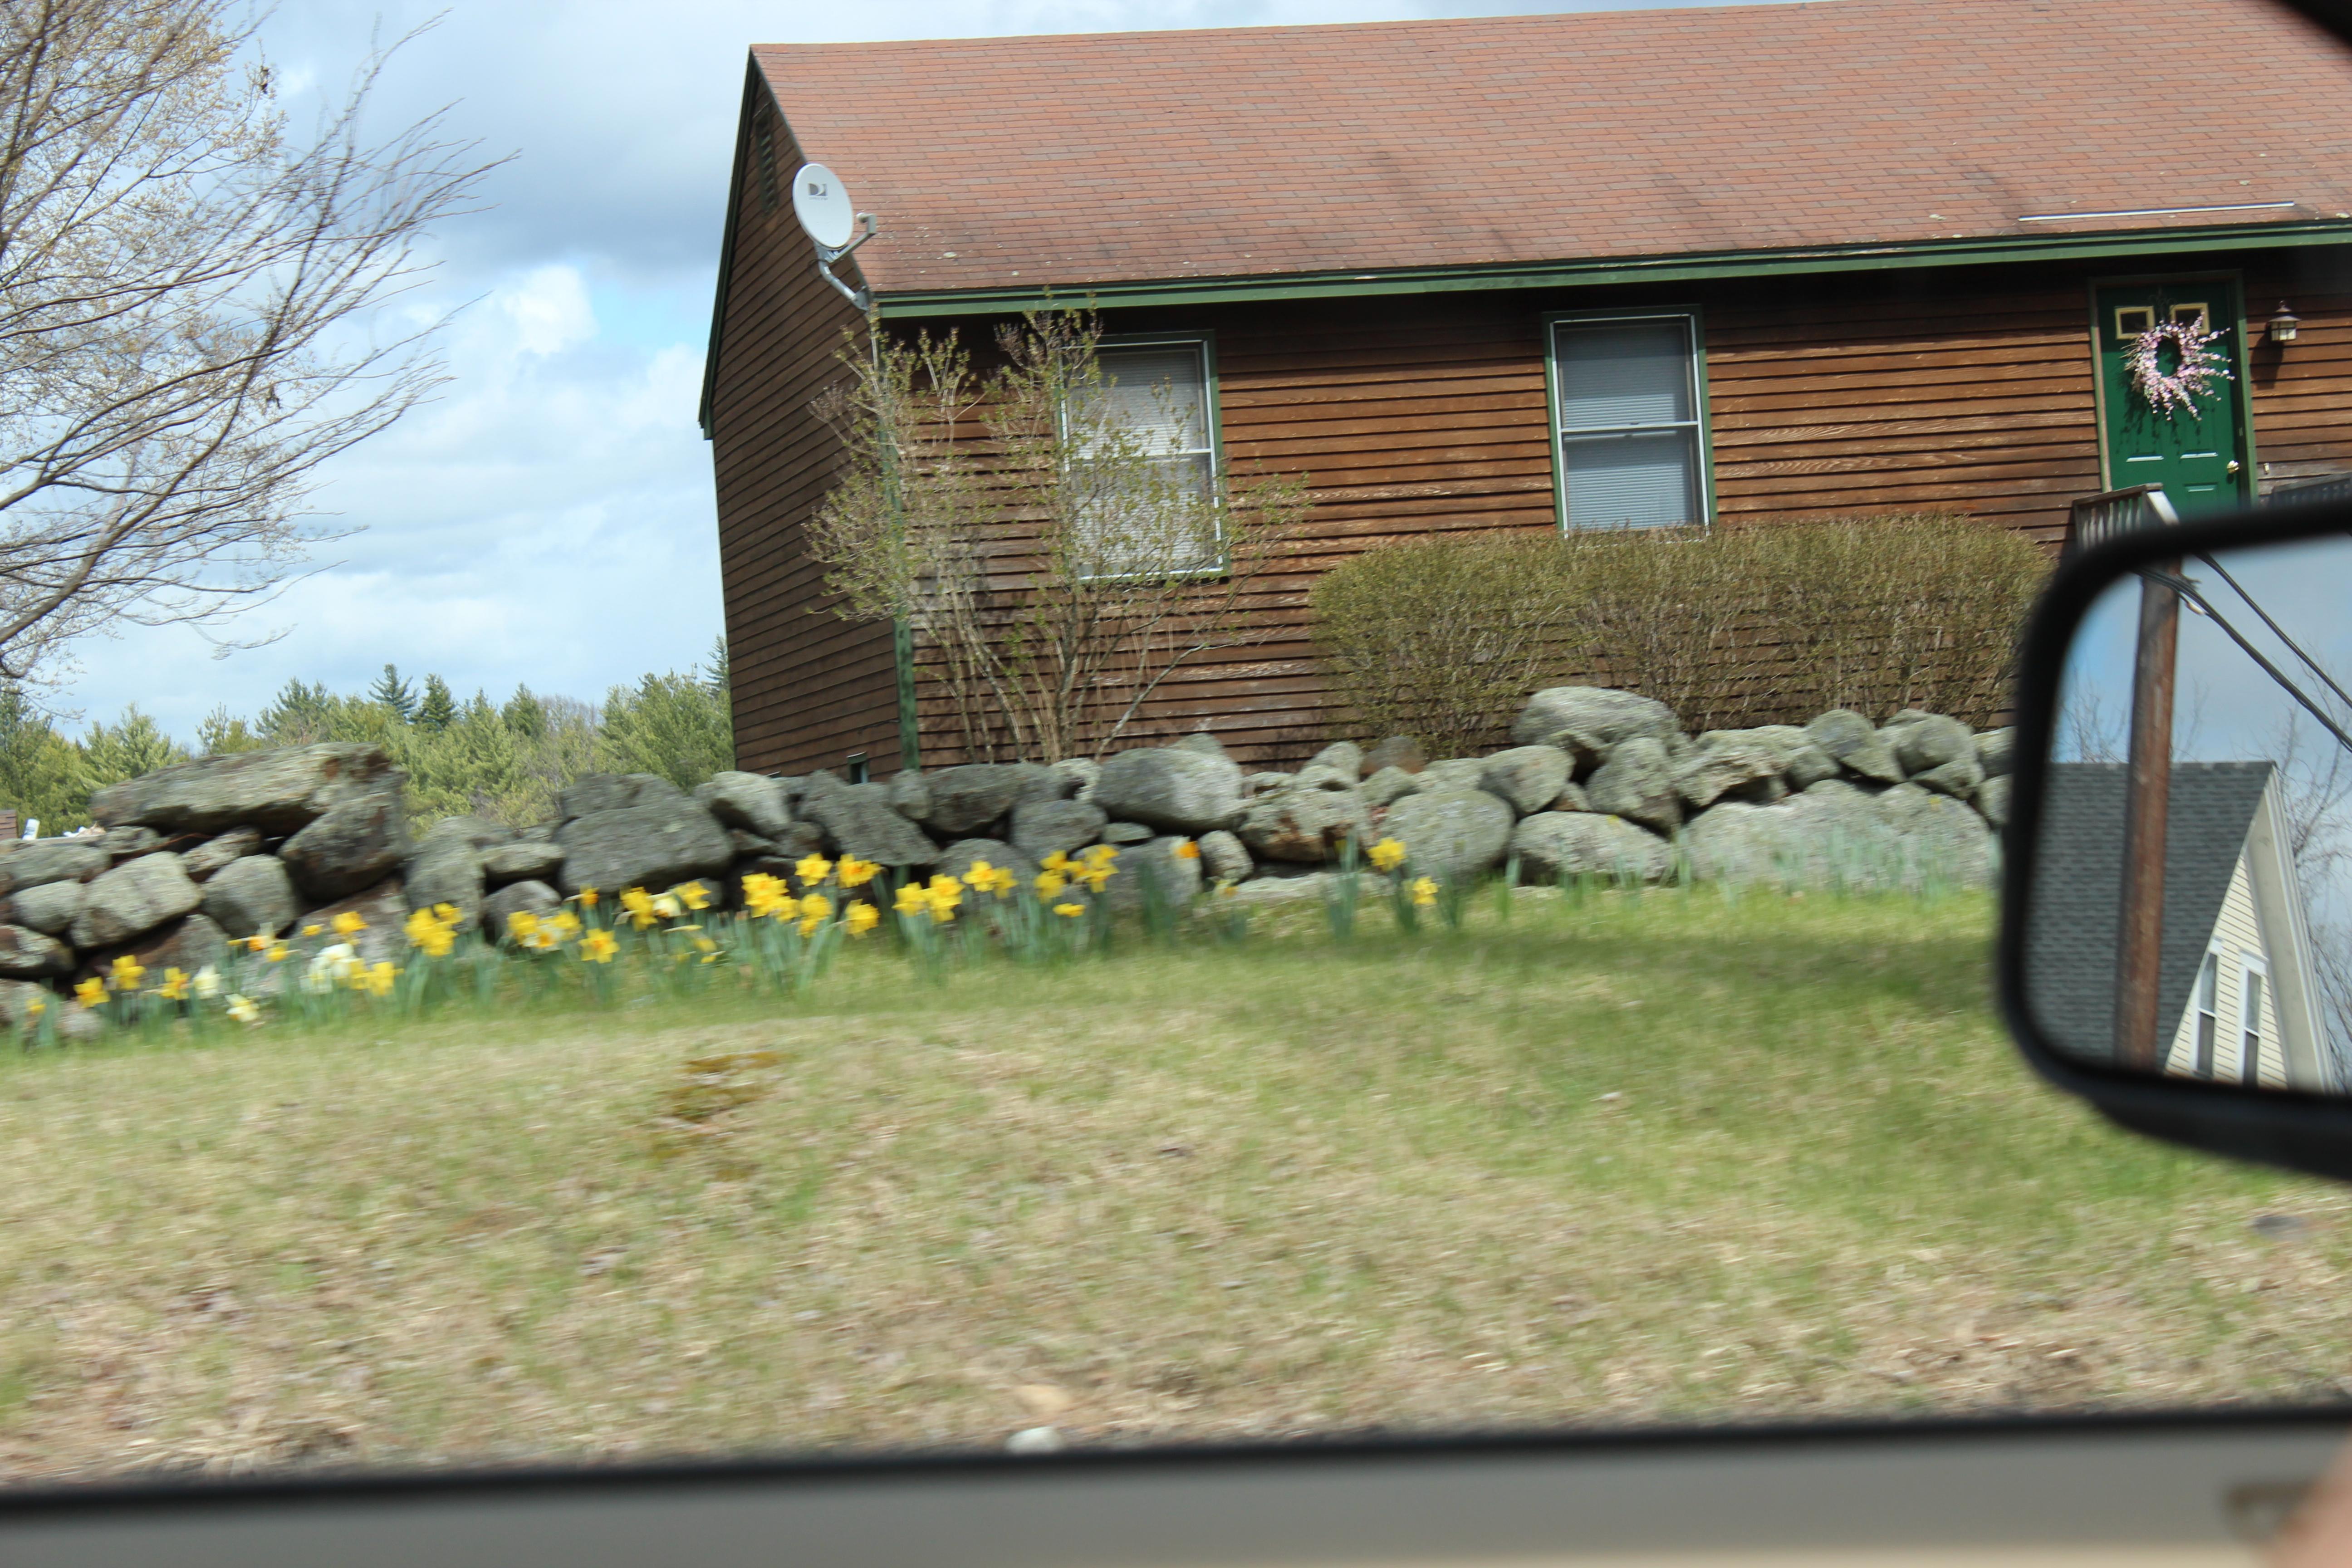 daffodills 2014 037.JPG